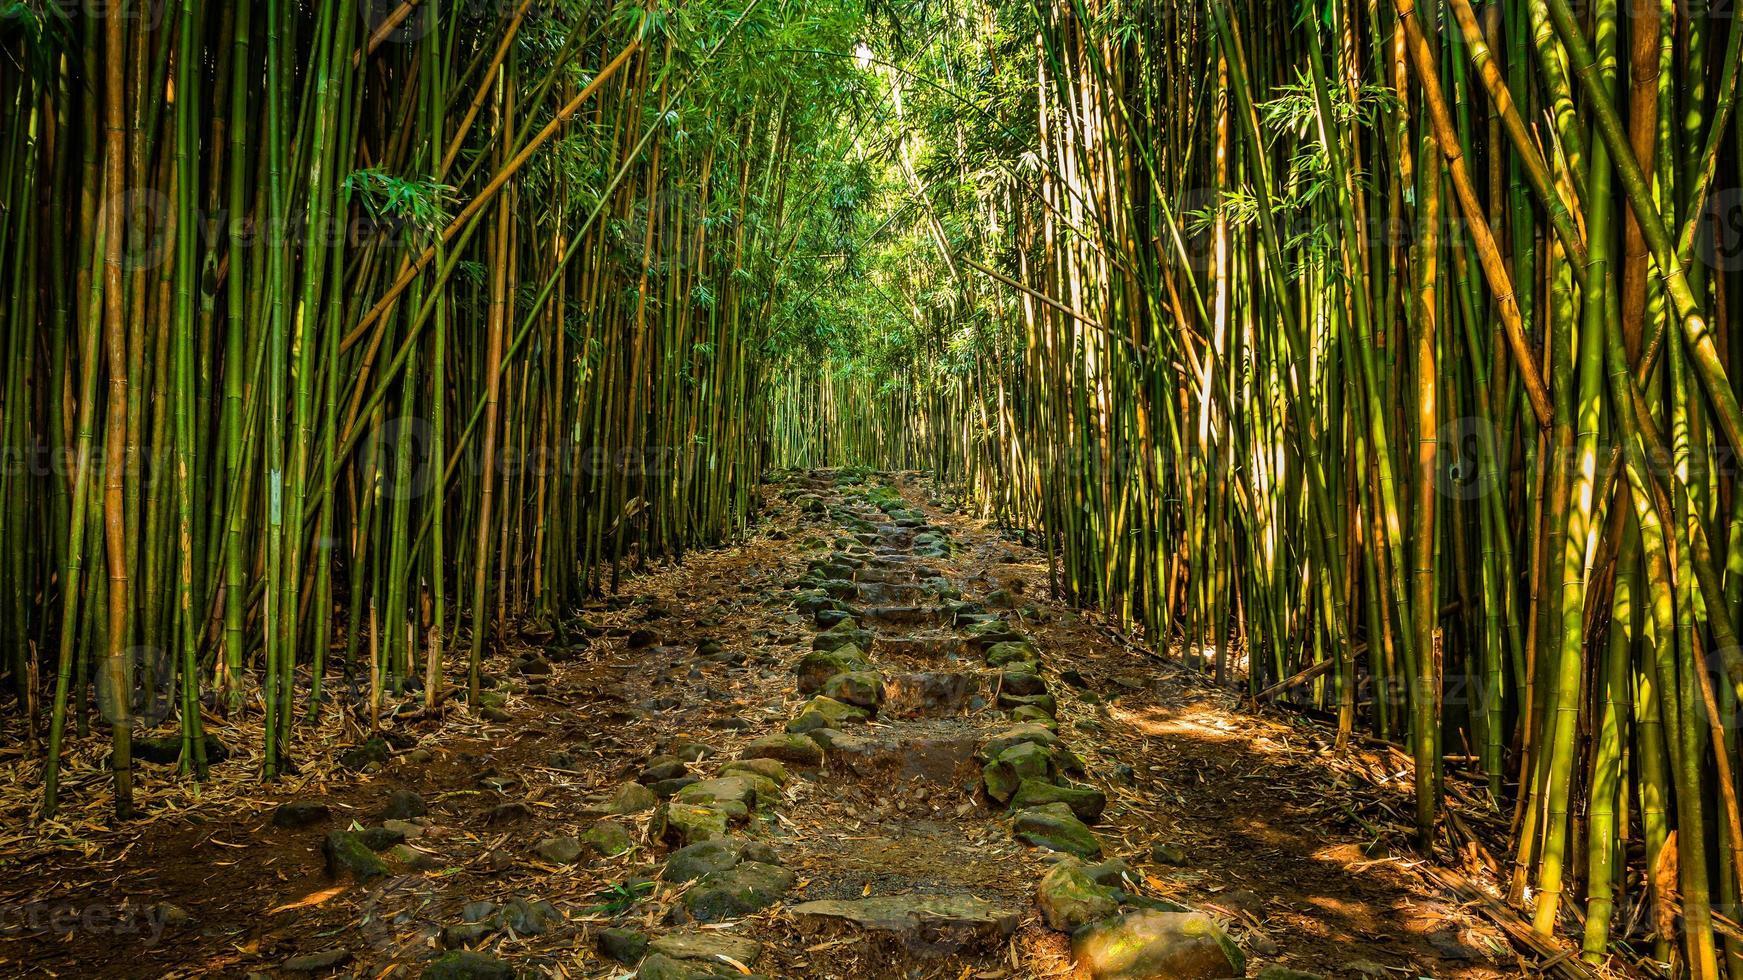 caminho através da floresta de bambu foto